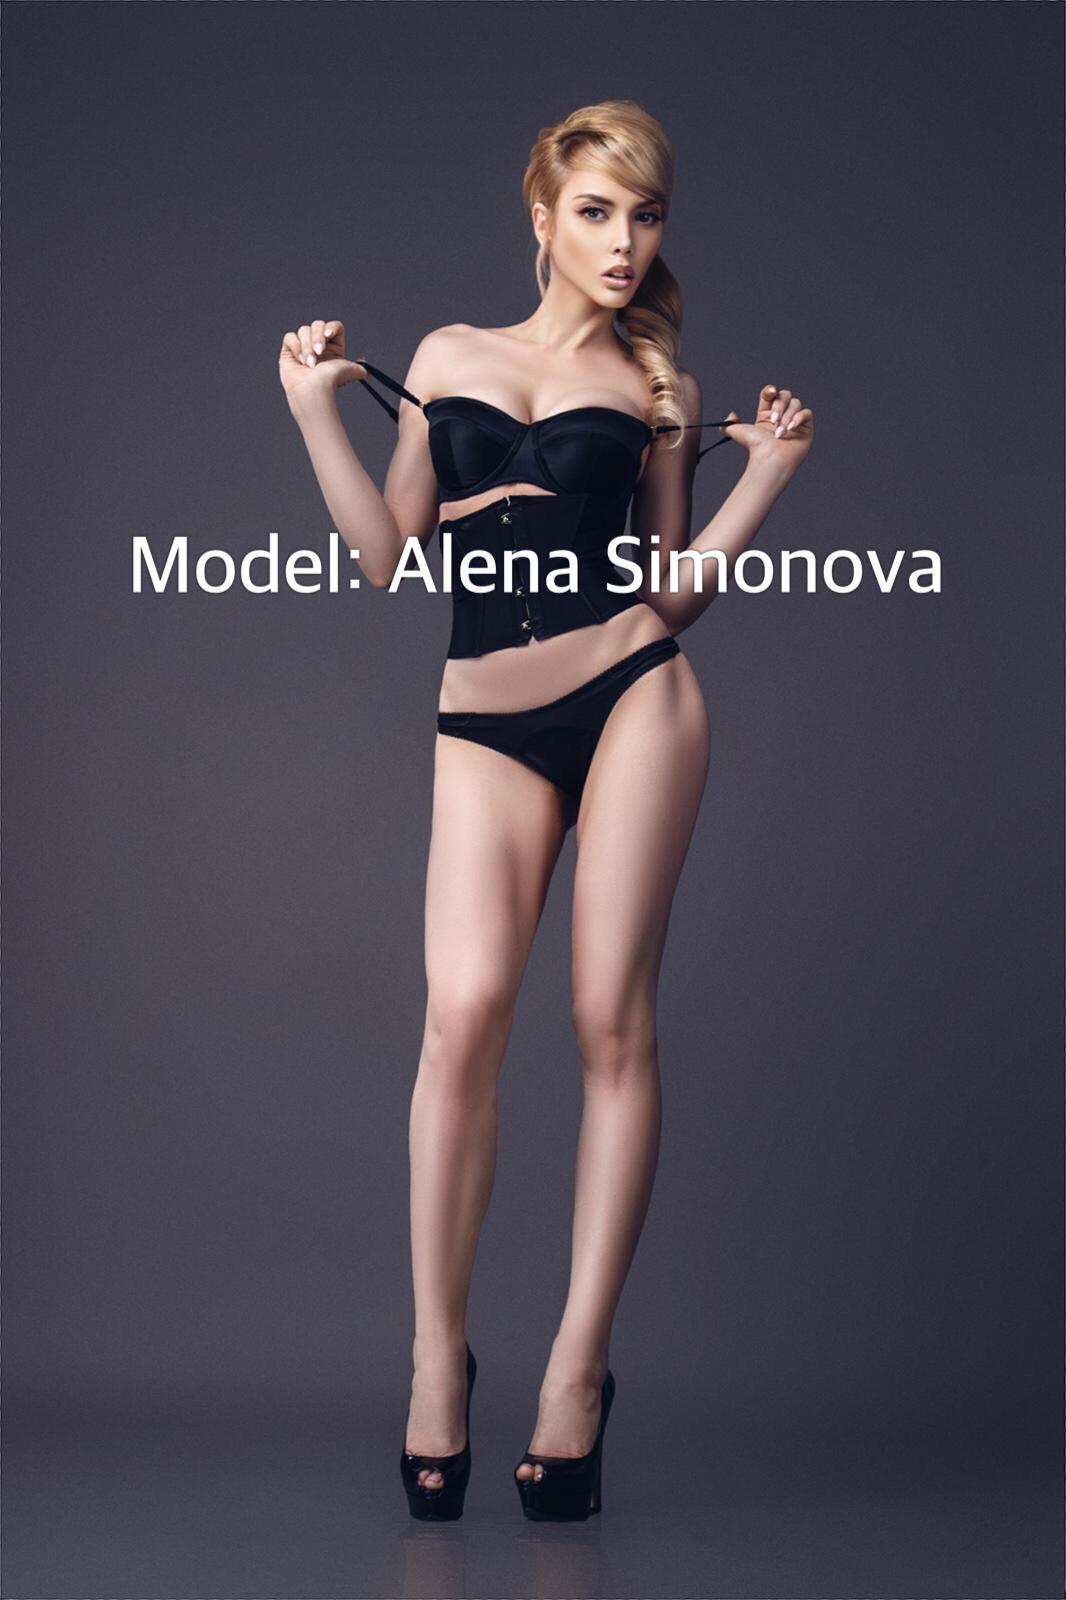 Алена симонова фотографы россии